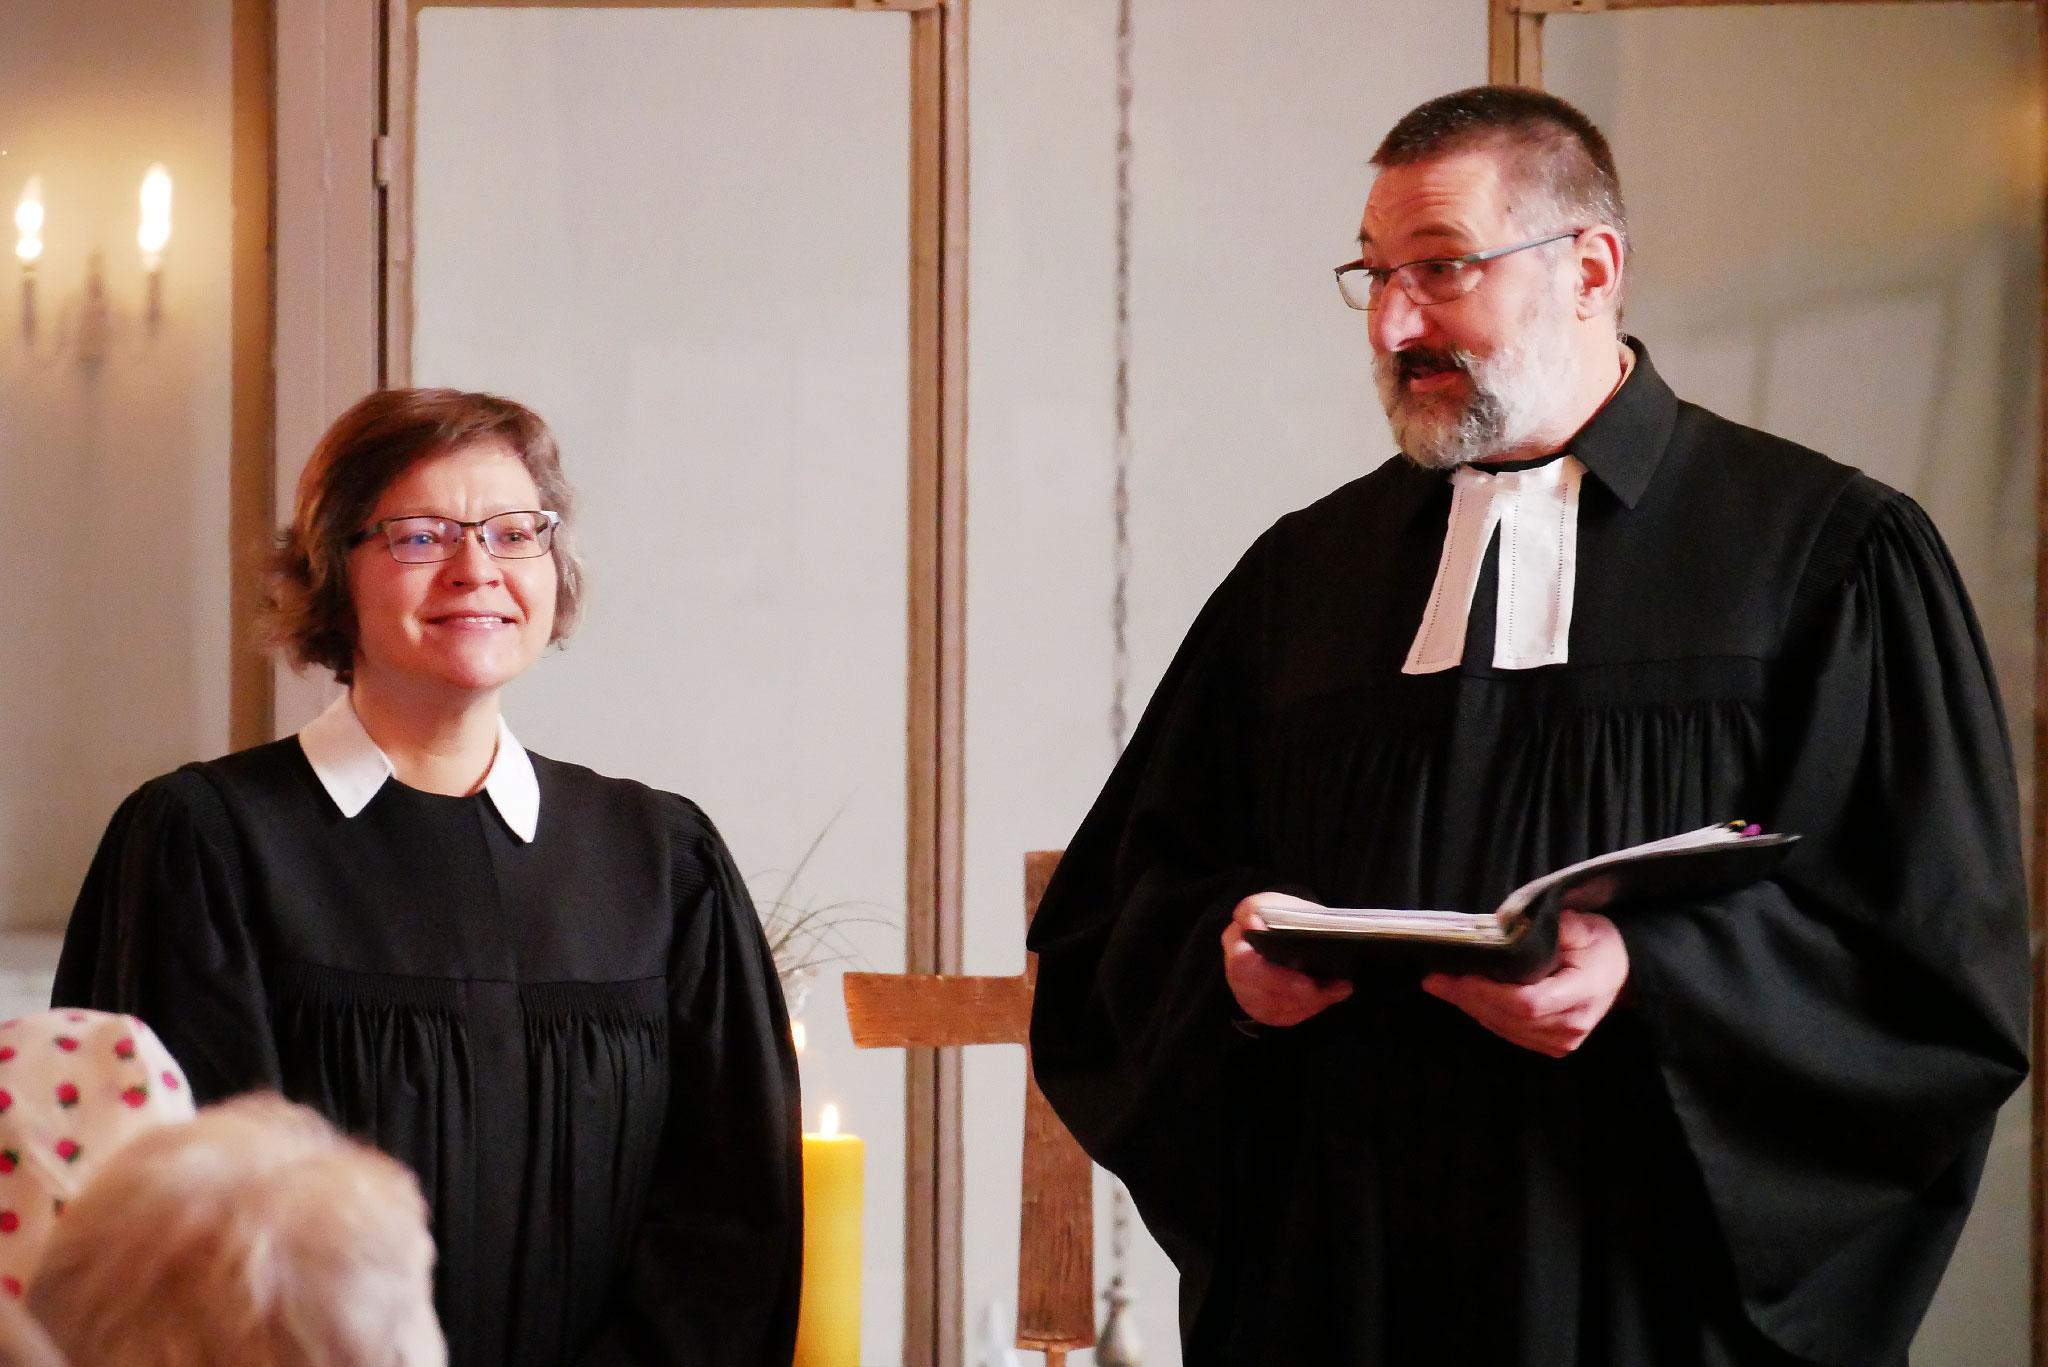 Pfarrerin Christiane Moldenhauer und Superintendent Wisch